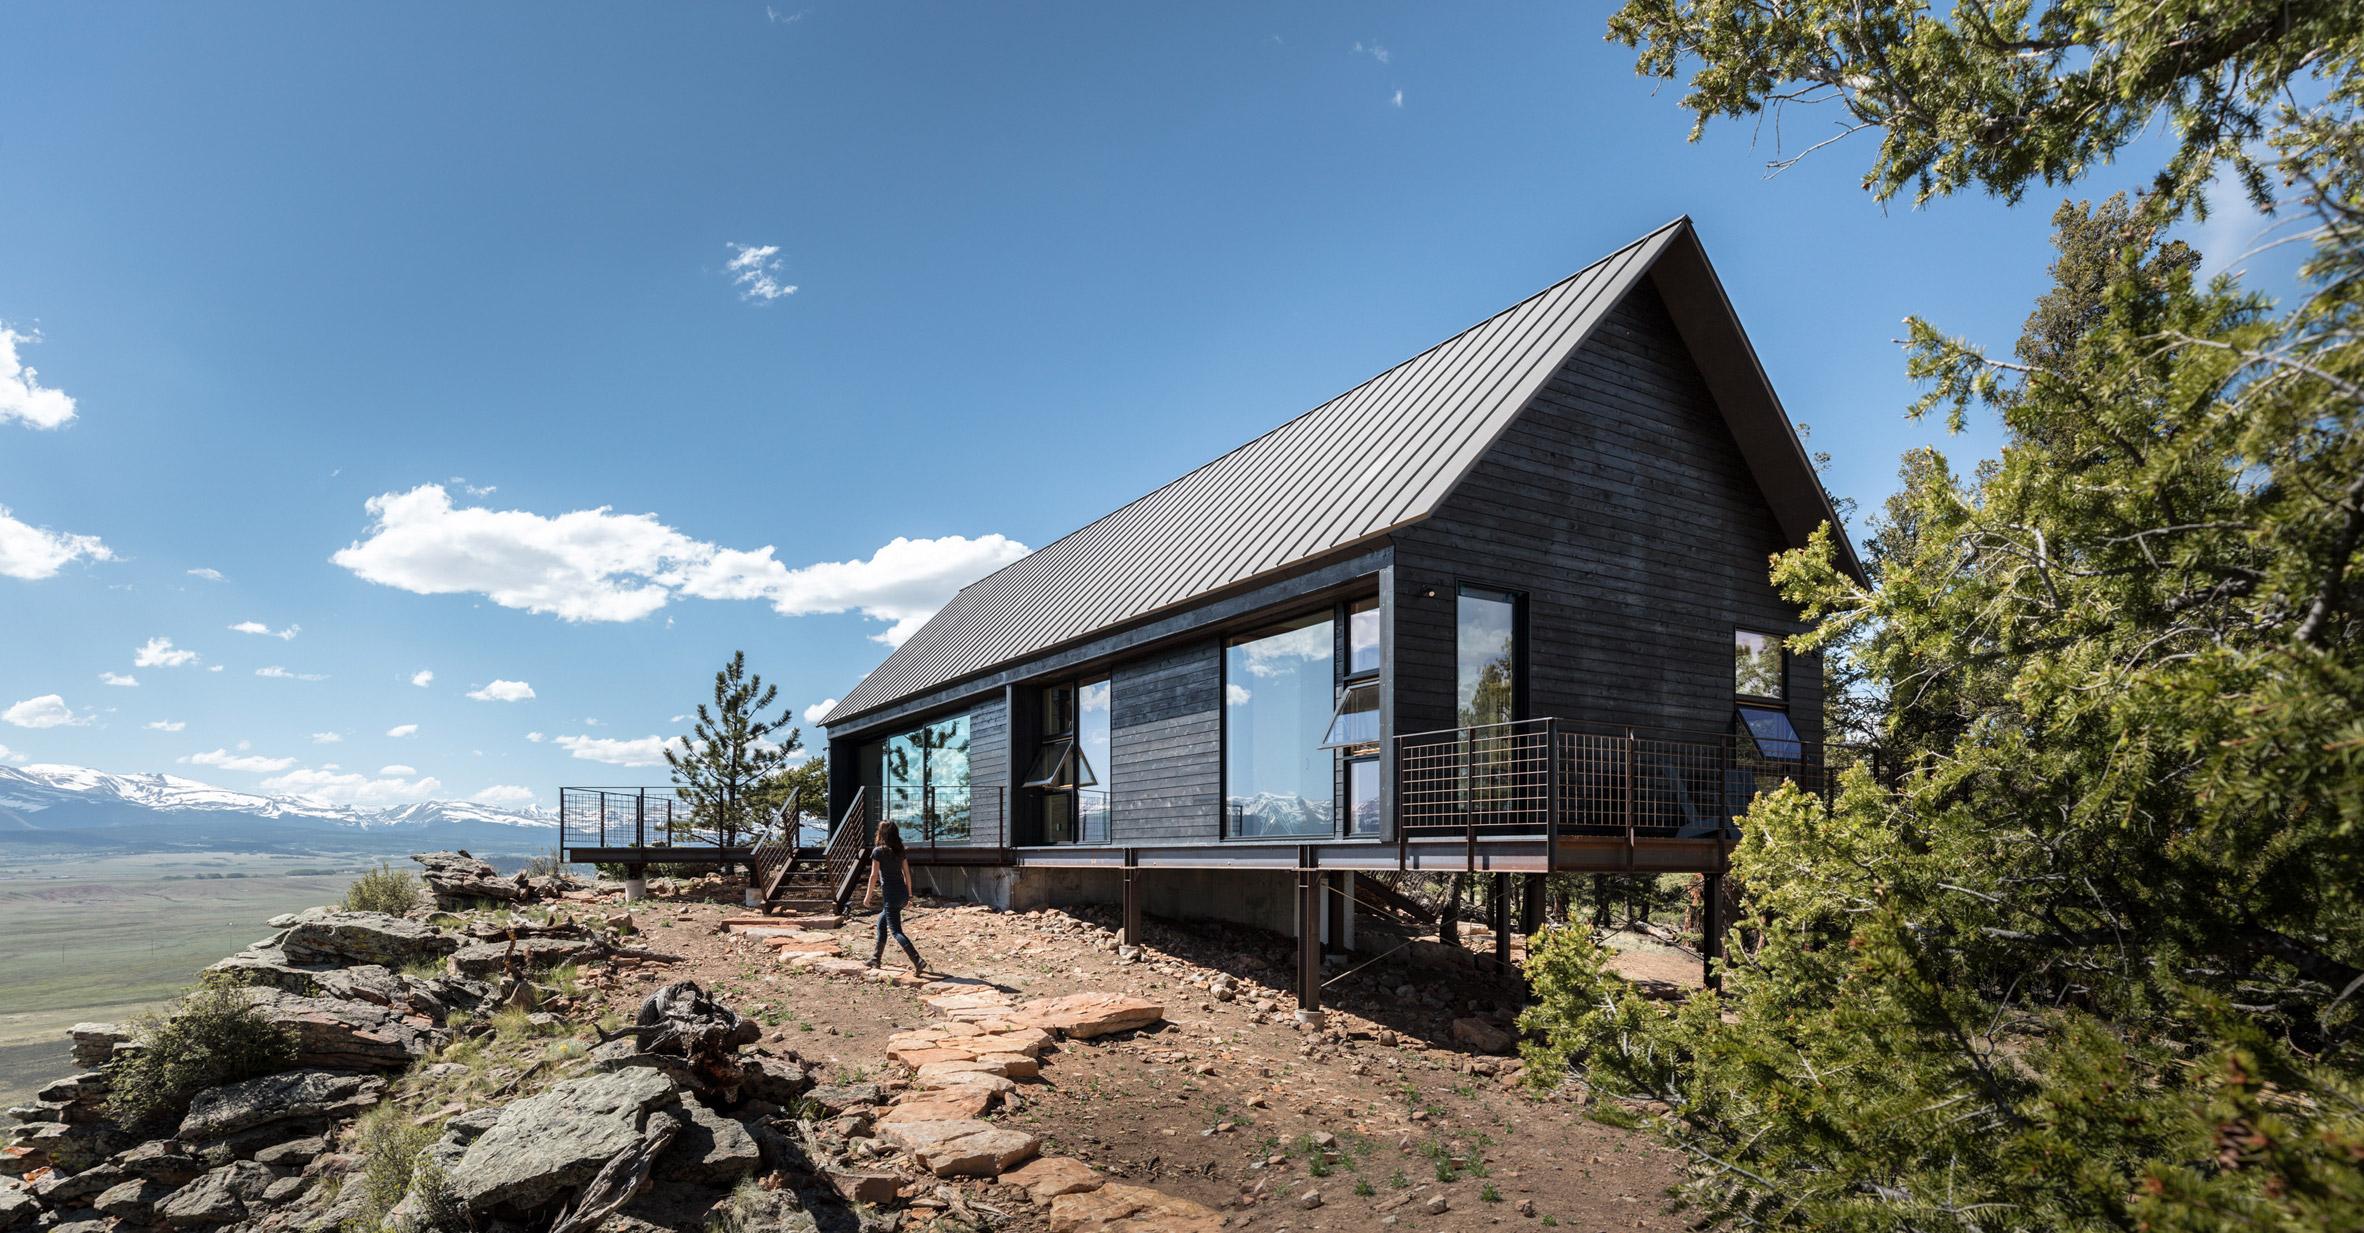 Renée del Gaudio creates pair of rustic cabins for rocky perch in Colorado